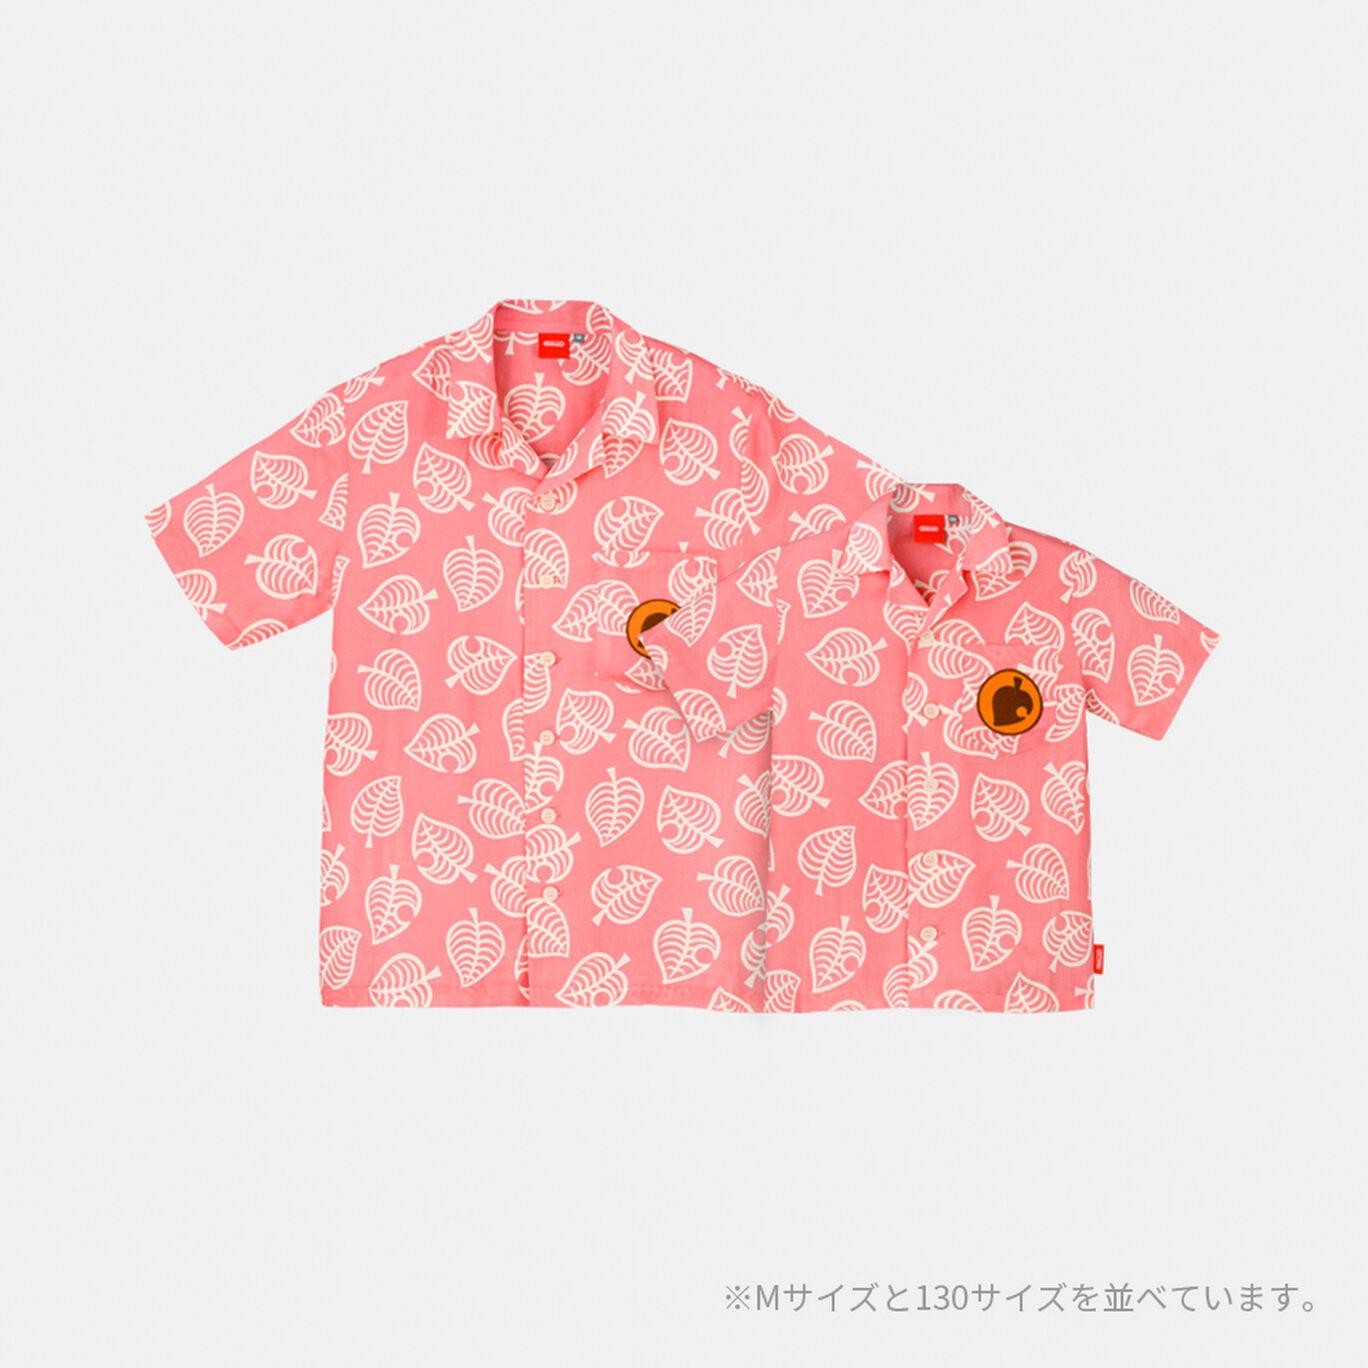 しずえのアロハシャツ130 あつまれ どうぶつの森【Nintendo TOKYO取り扱い商品】